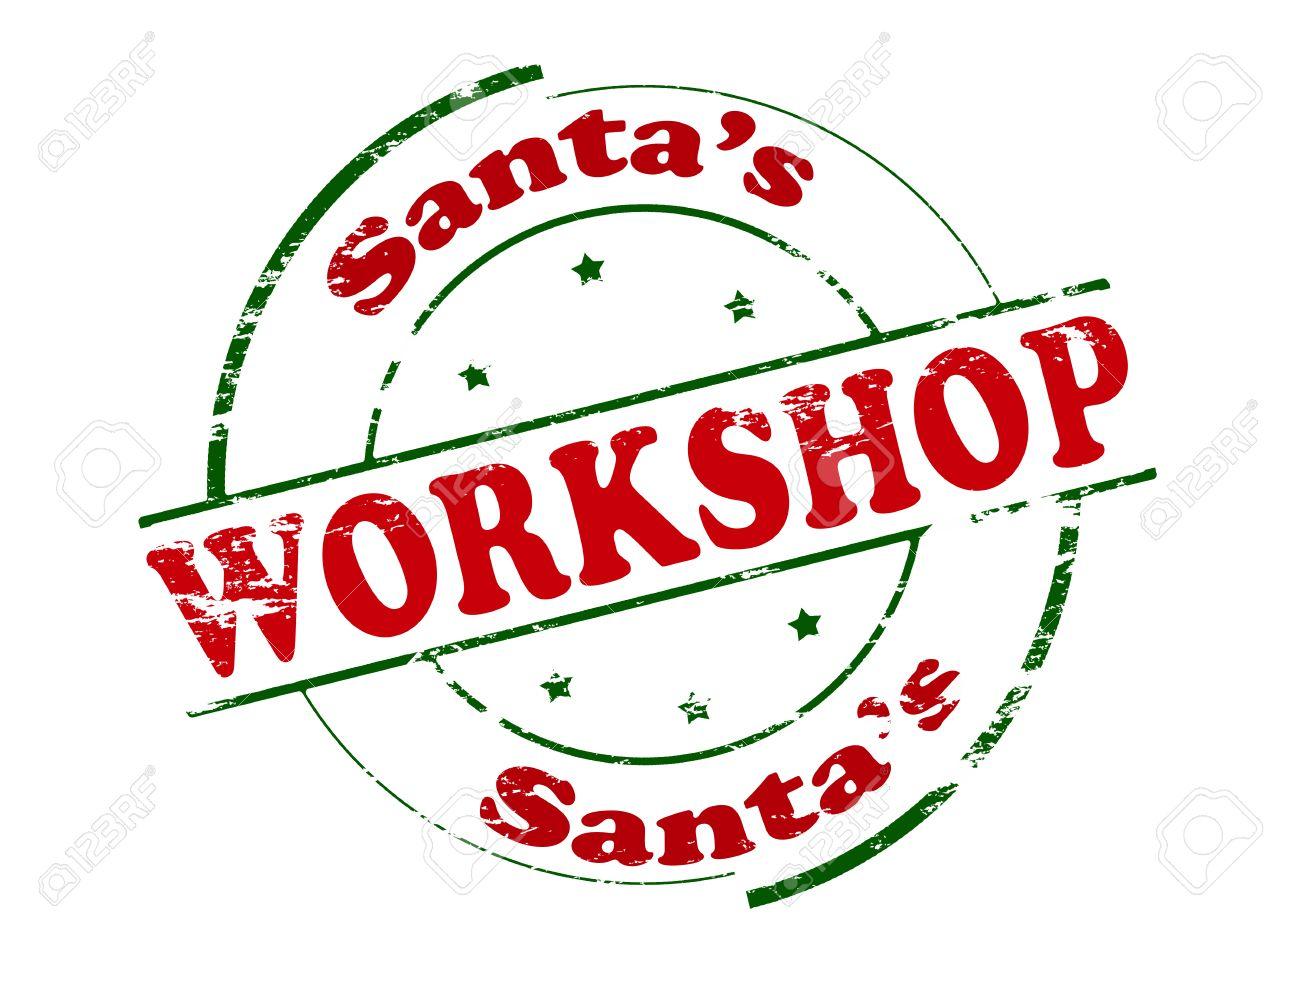 Rubber Stamp With Text Santa Workshop Inside, Vector Illustration ...